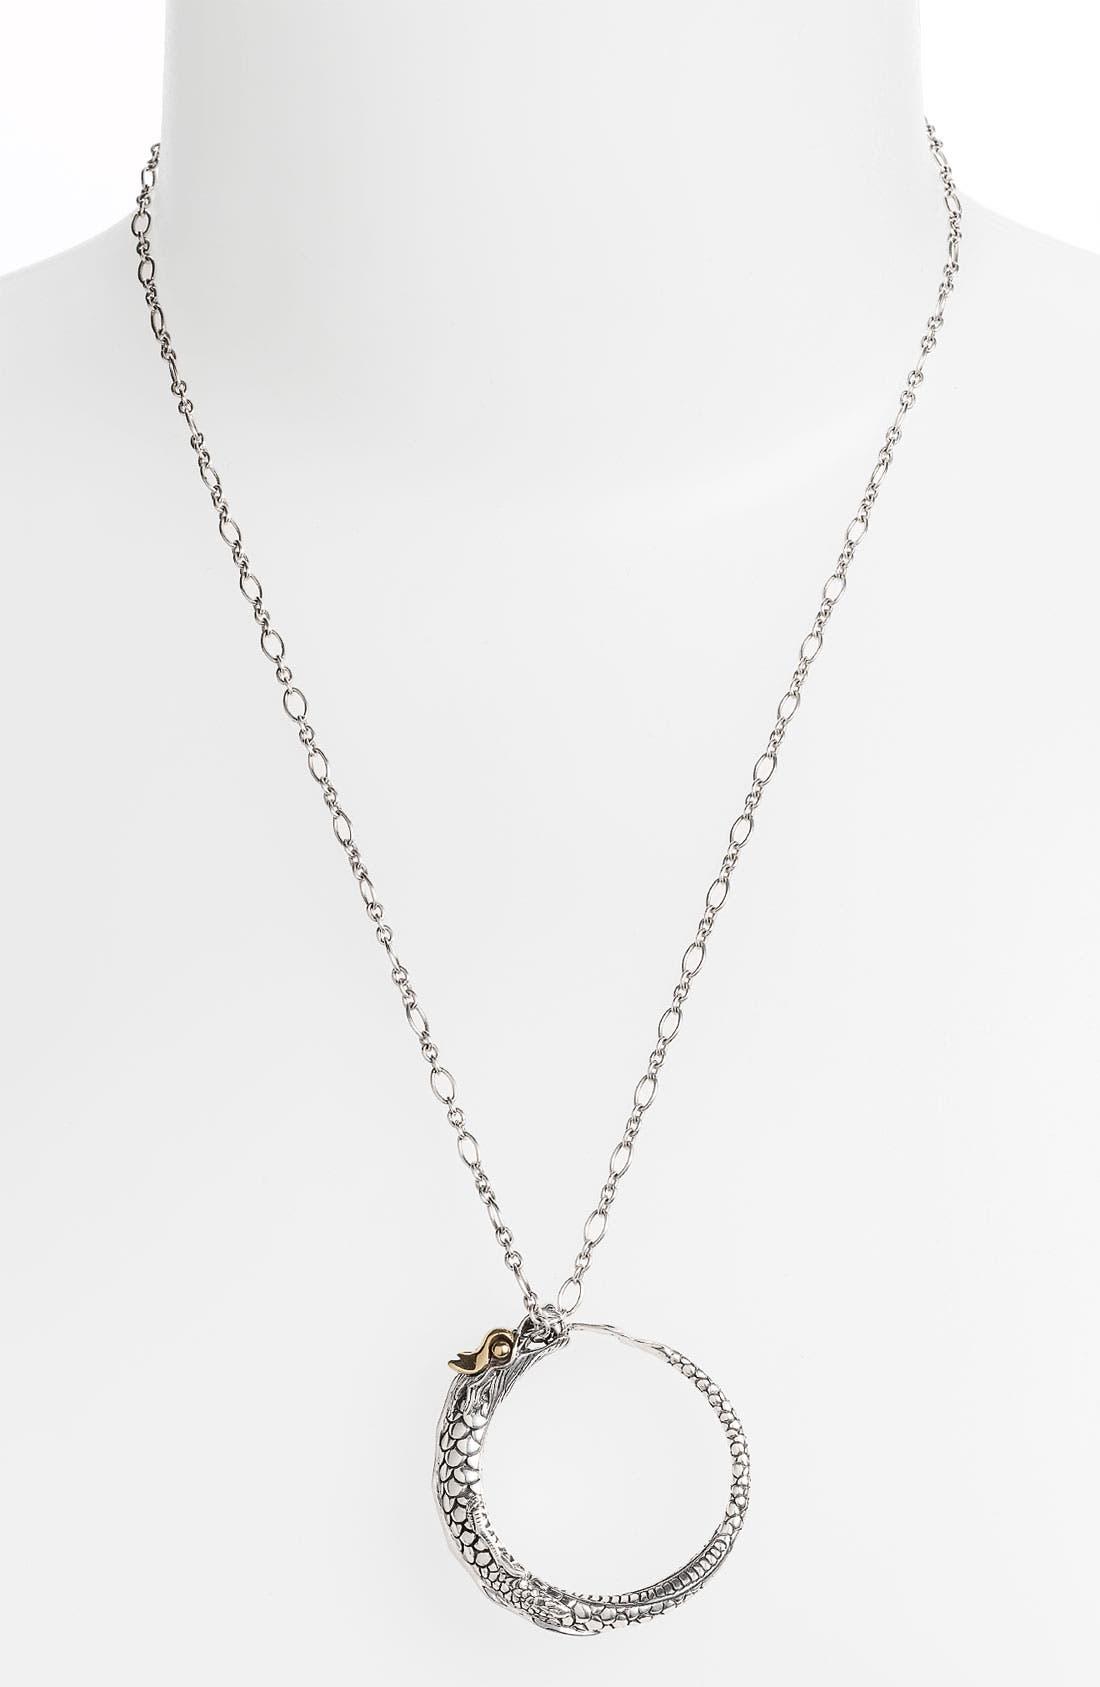 Main Image - John Hardy 'Naga' Pendant Necklace